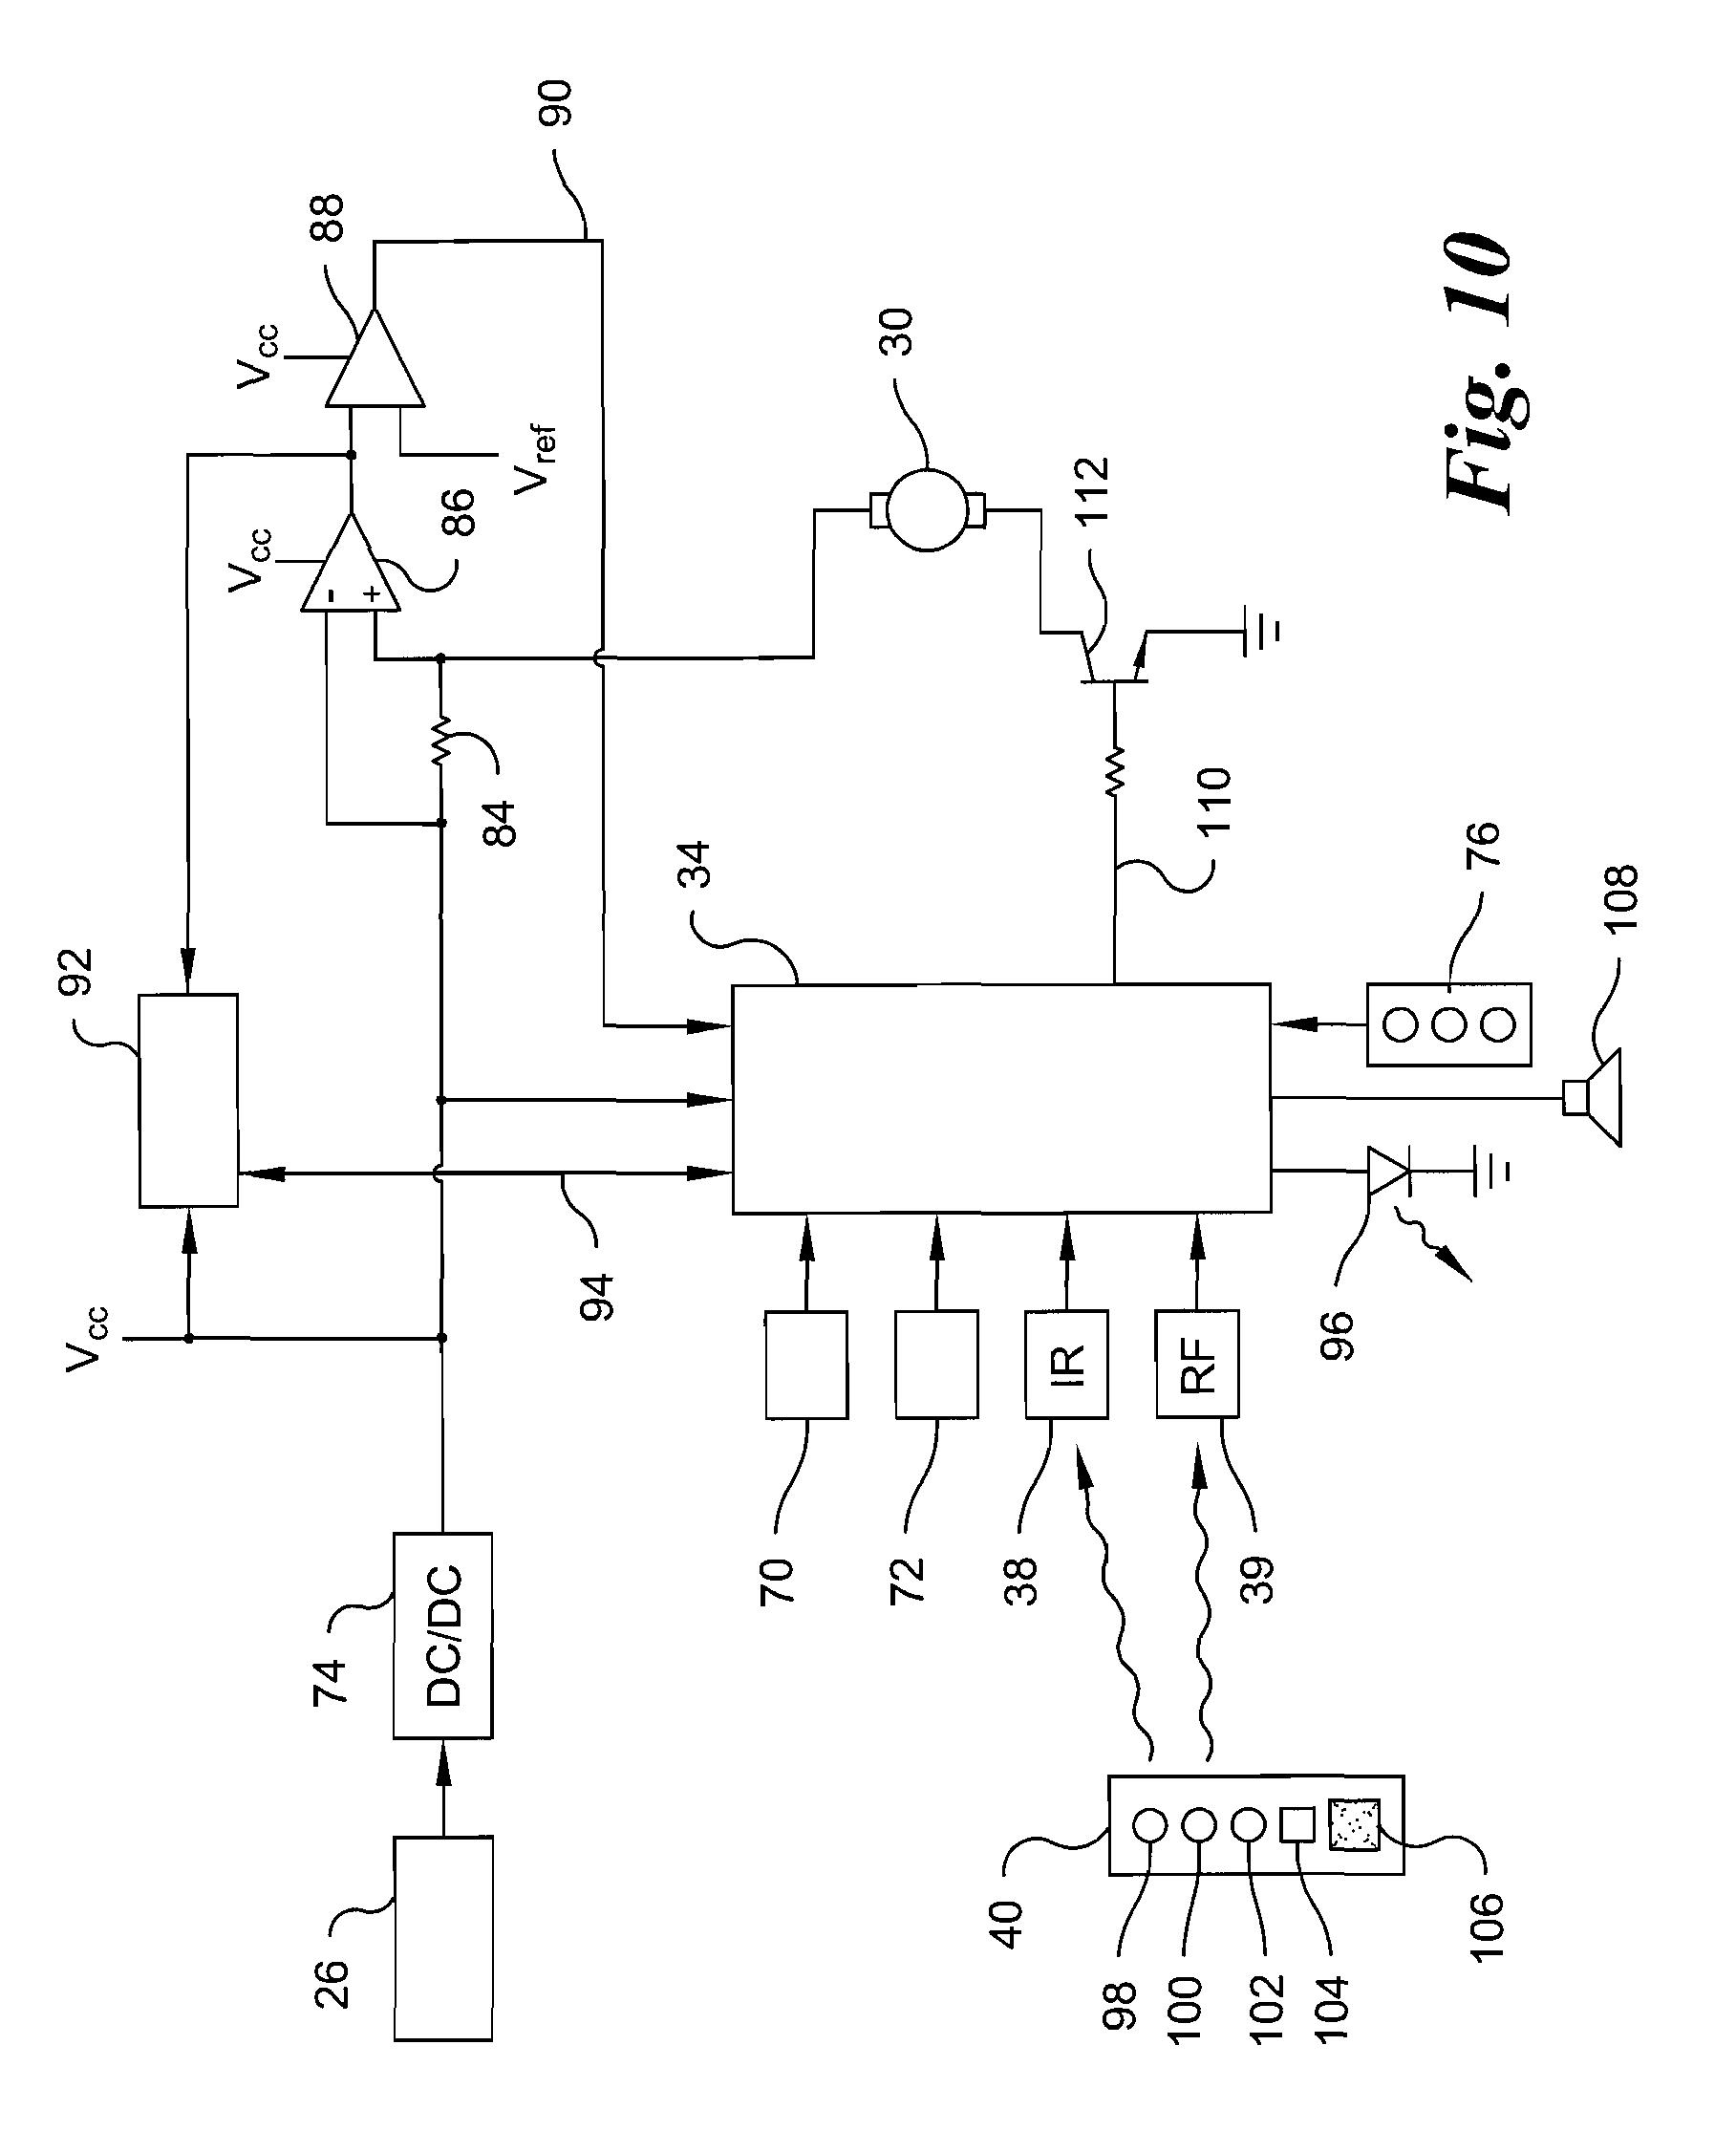 diverter valve diagram  diverter  free engine image for